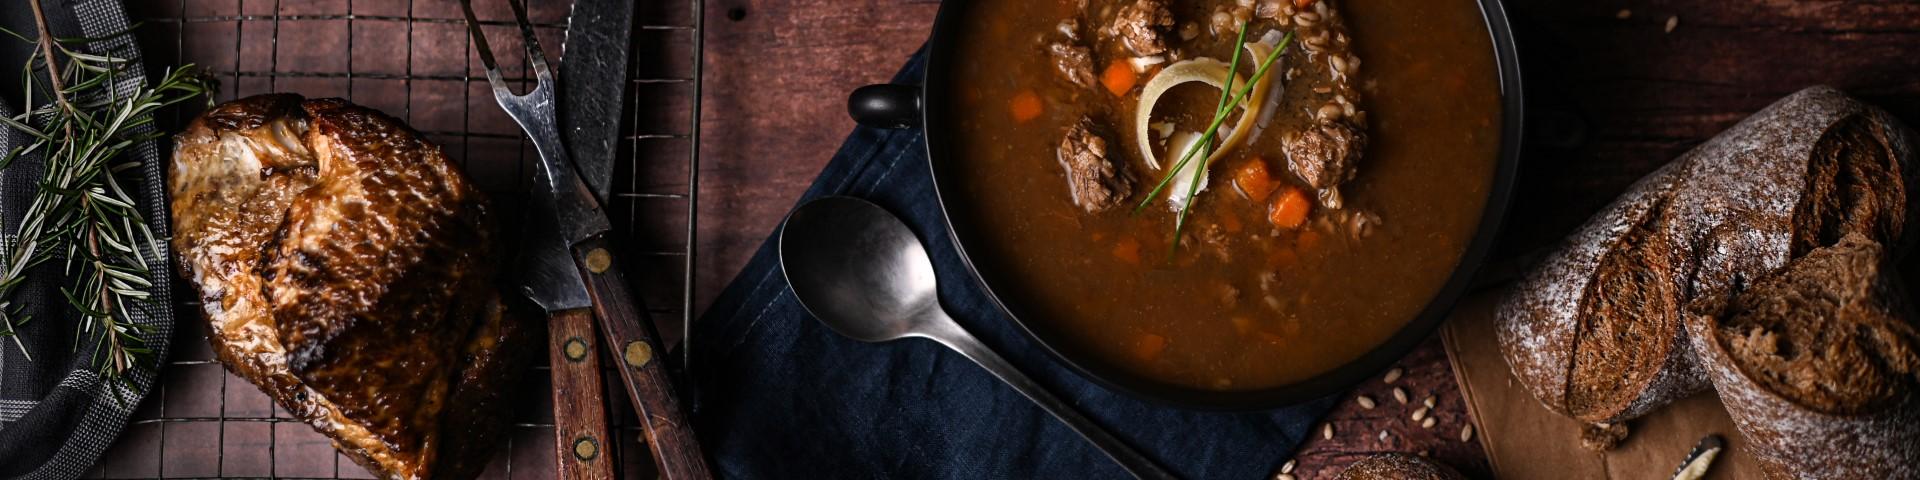 Beef-and-Barley-Daris-soup.jpg